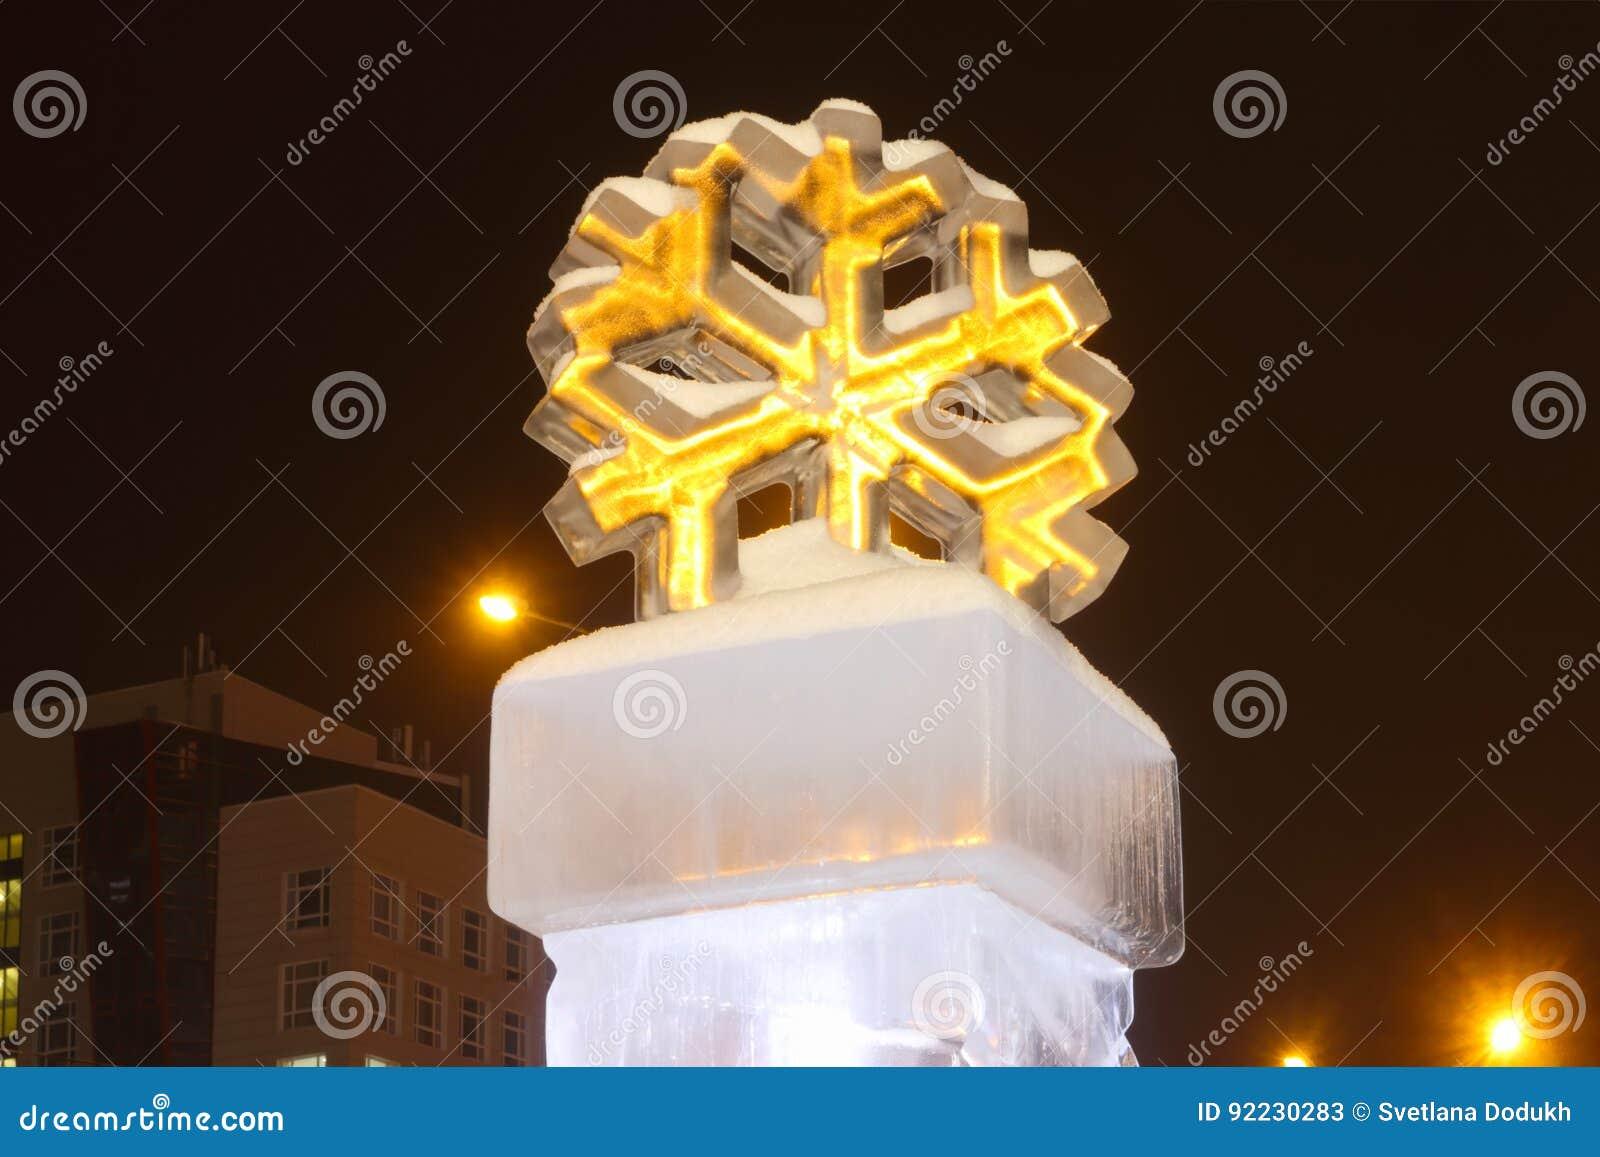 Μεγάλος προκαλούμενος από τον άνθρωπο πάγος στην πόλη στη χειμερινή νύχτα